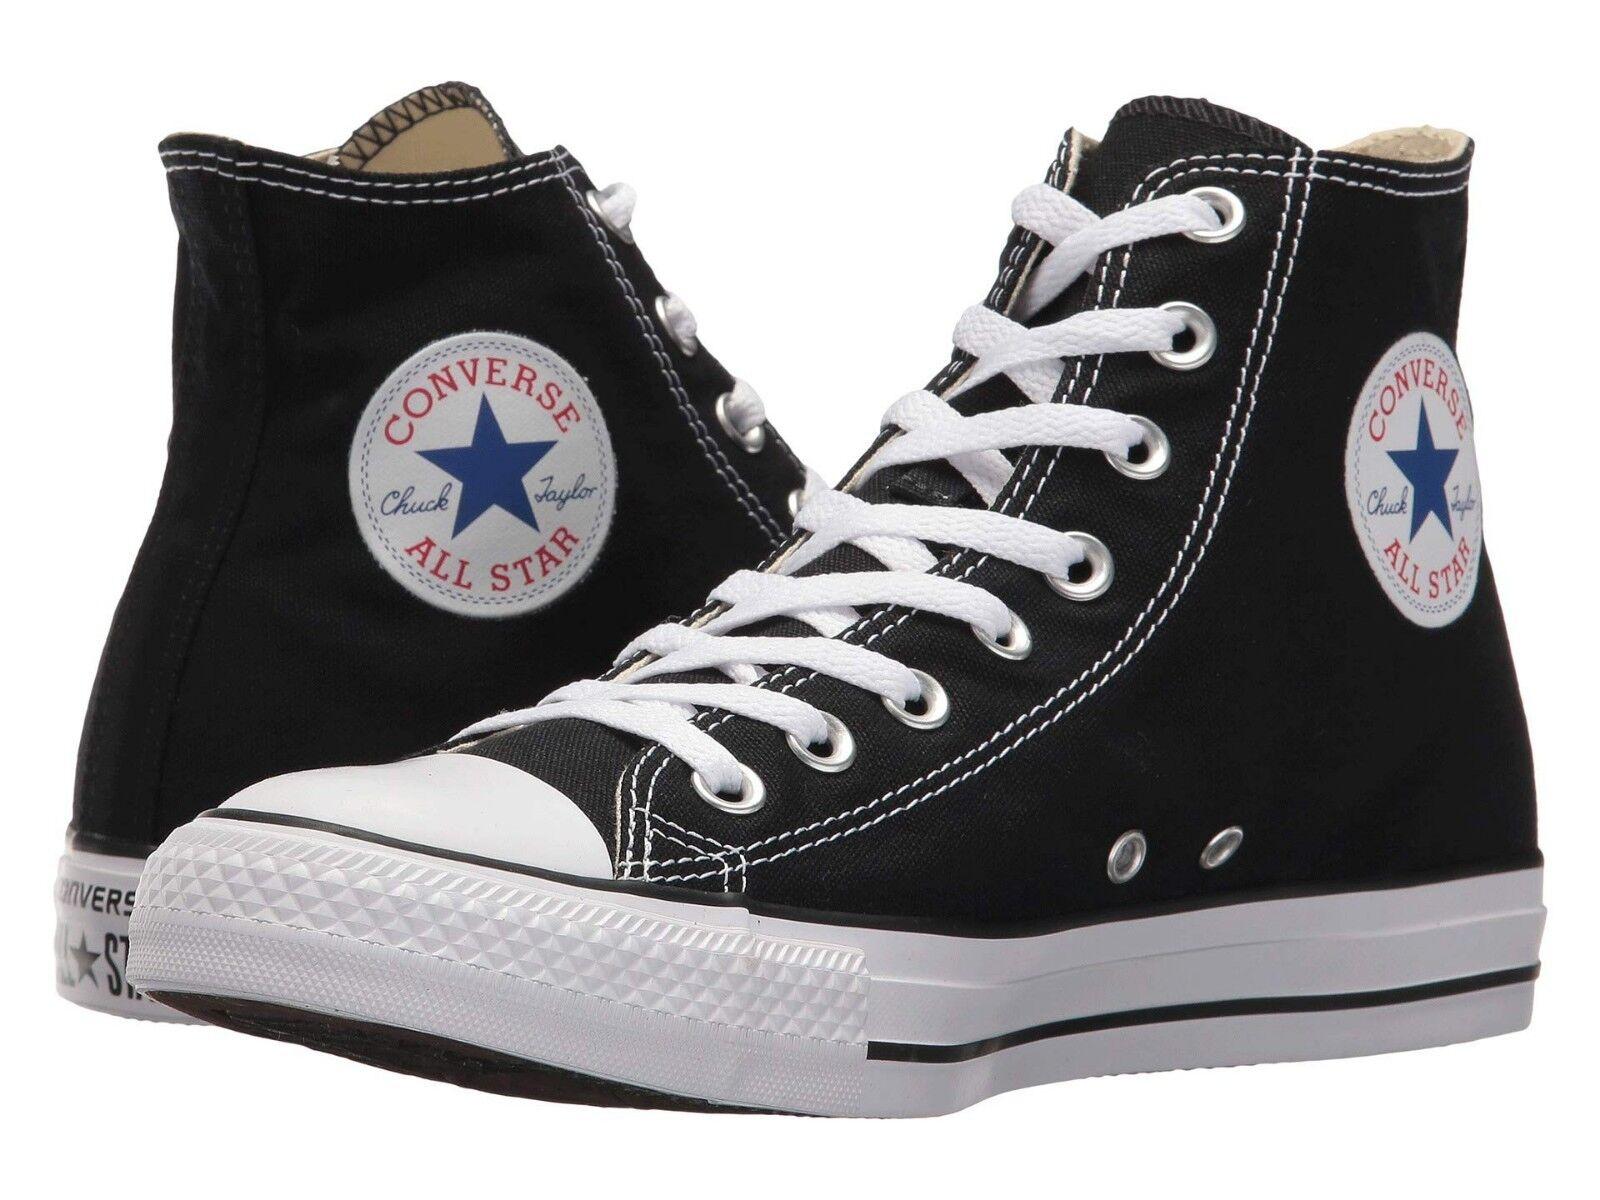 Nuevo para hombre Chuck Taylor All Star Hi Top Zapatillas Negro blancoo Auténtico En Caja